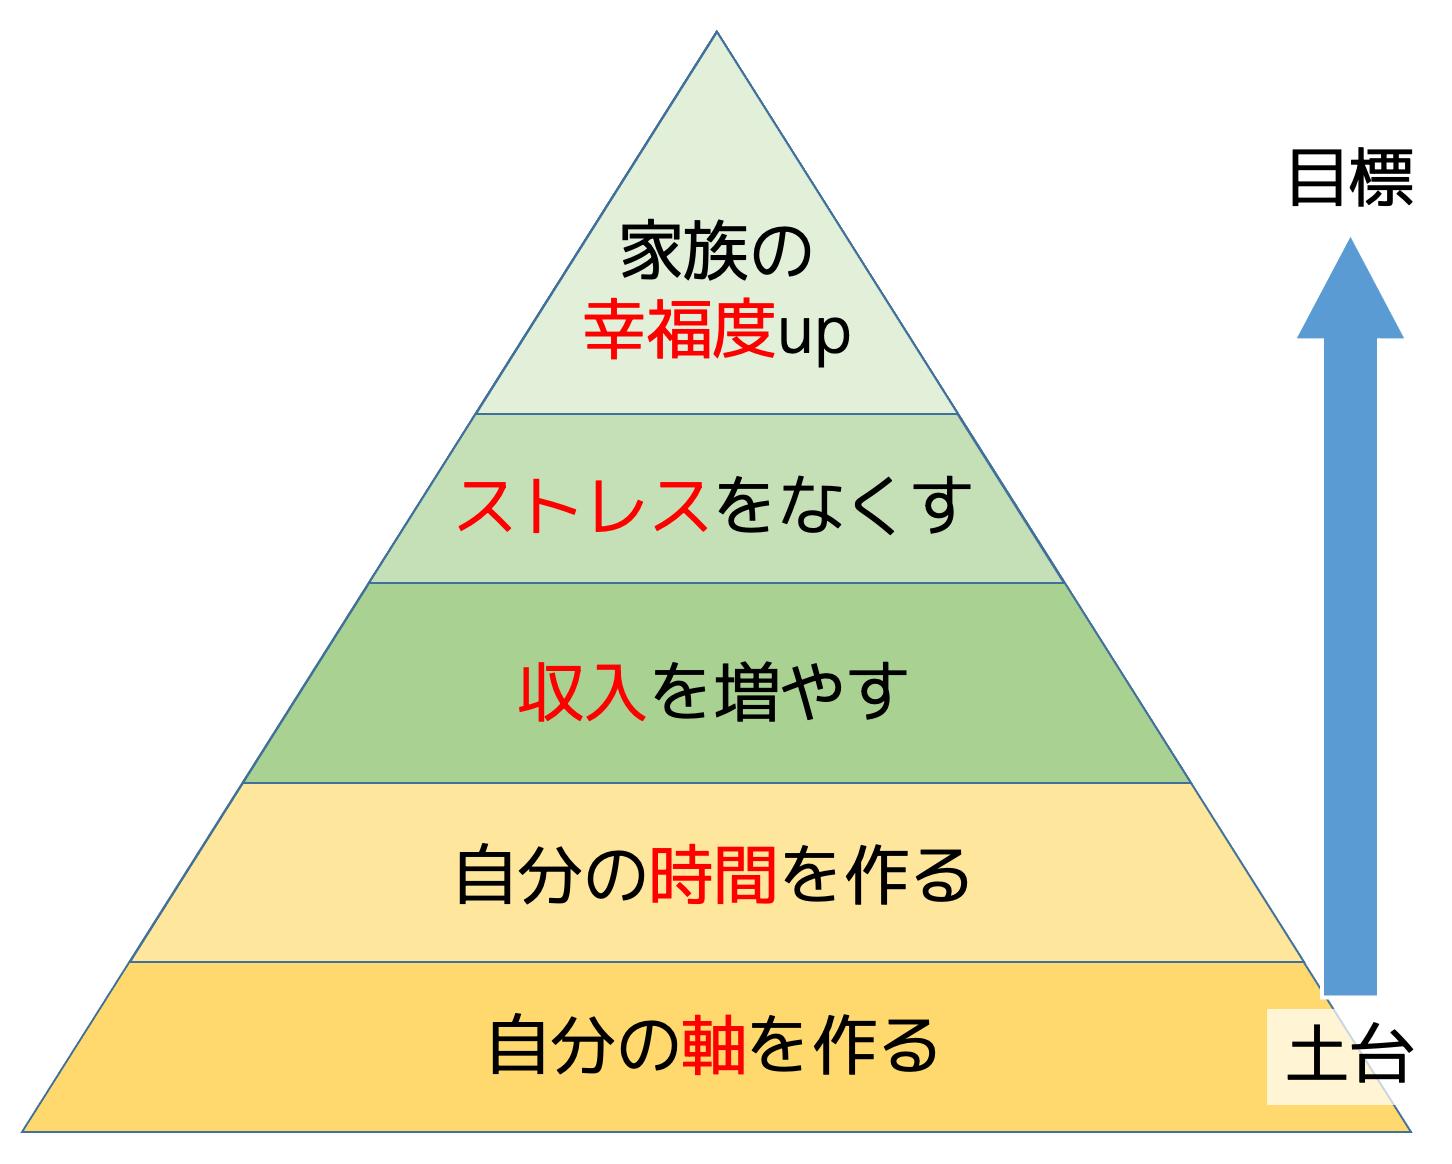 幸福度をあげるピラミッド